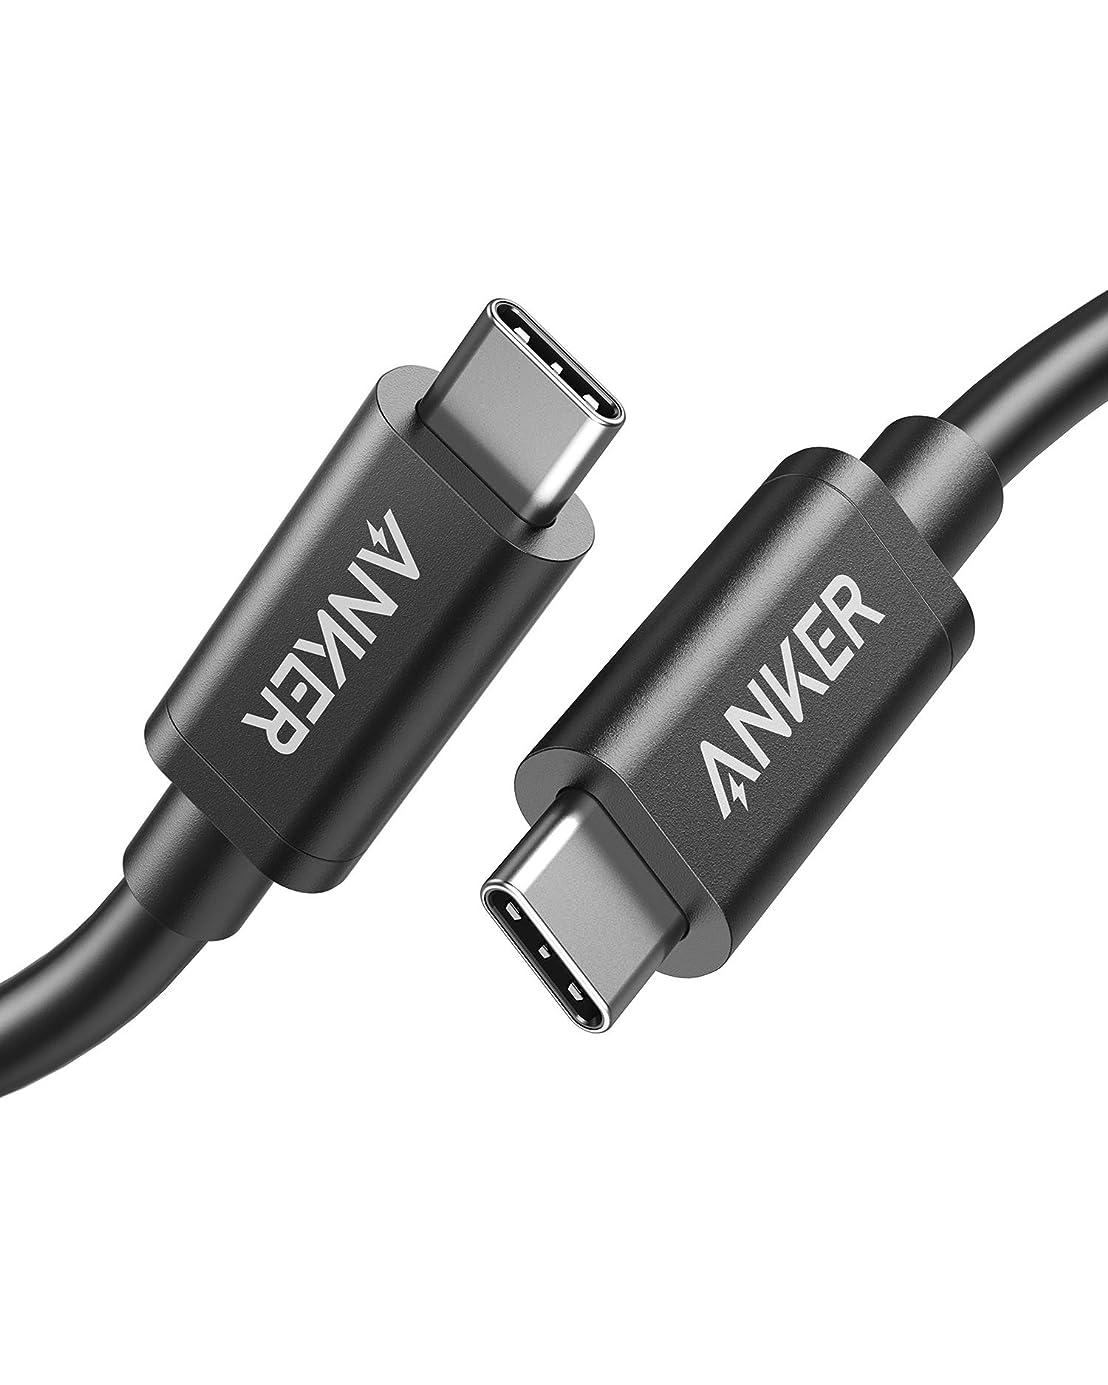 扇動兵士団結するAnker USB-C & USB-C Thunderbolt 3 ケーブル (50cm) 【PD対応 超高速 40Gbps 100W出力 USB2.0 / 3.0 / 3.1 対応】